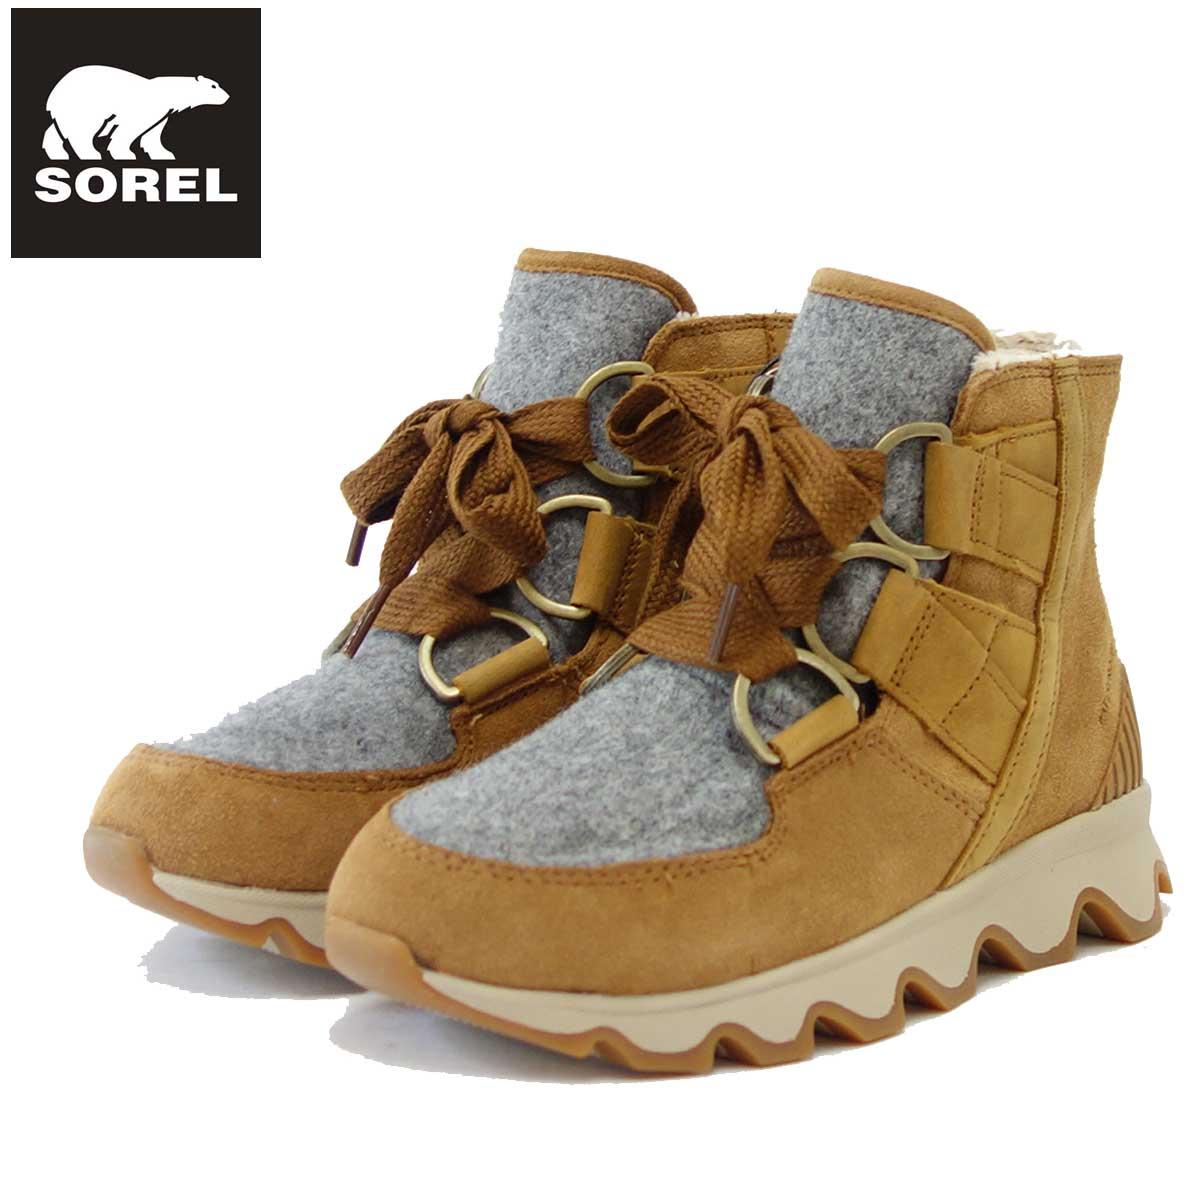 ソレル SOREL NL 3097(レディース) キネティックショートレース:キャメルブラウン (224) 保温性・撥水性抜群の快適ウィンターブーツ 「靴」